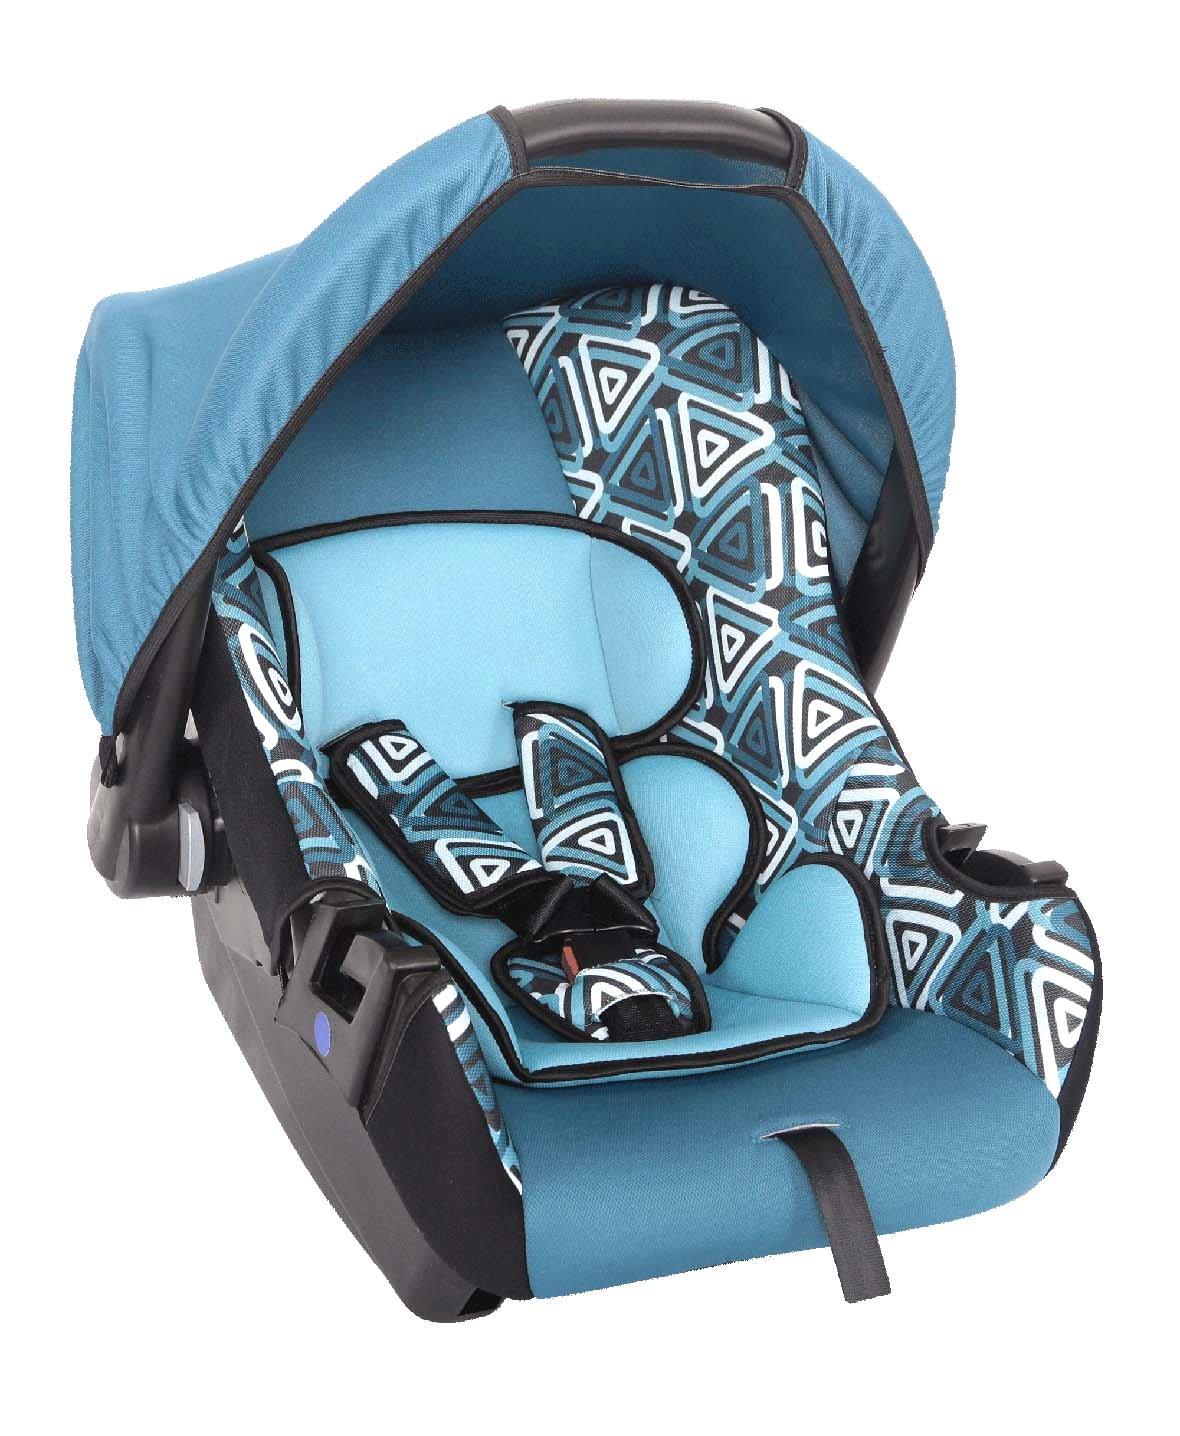 Кресло детское автомобильное Siger Эгида Люкс kres0313